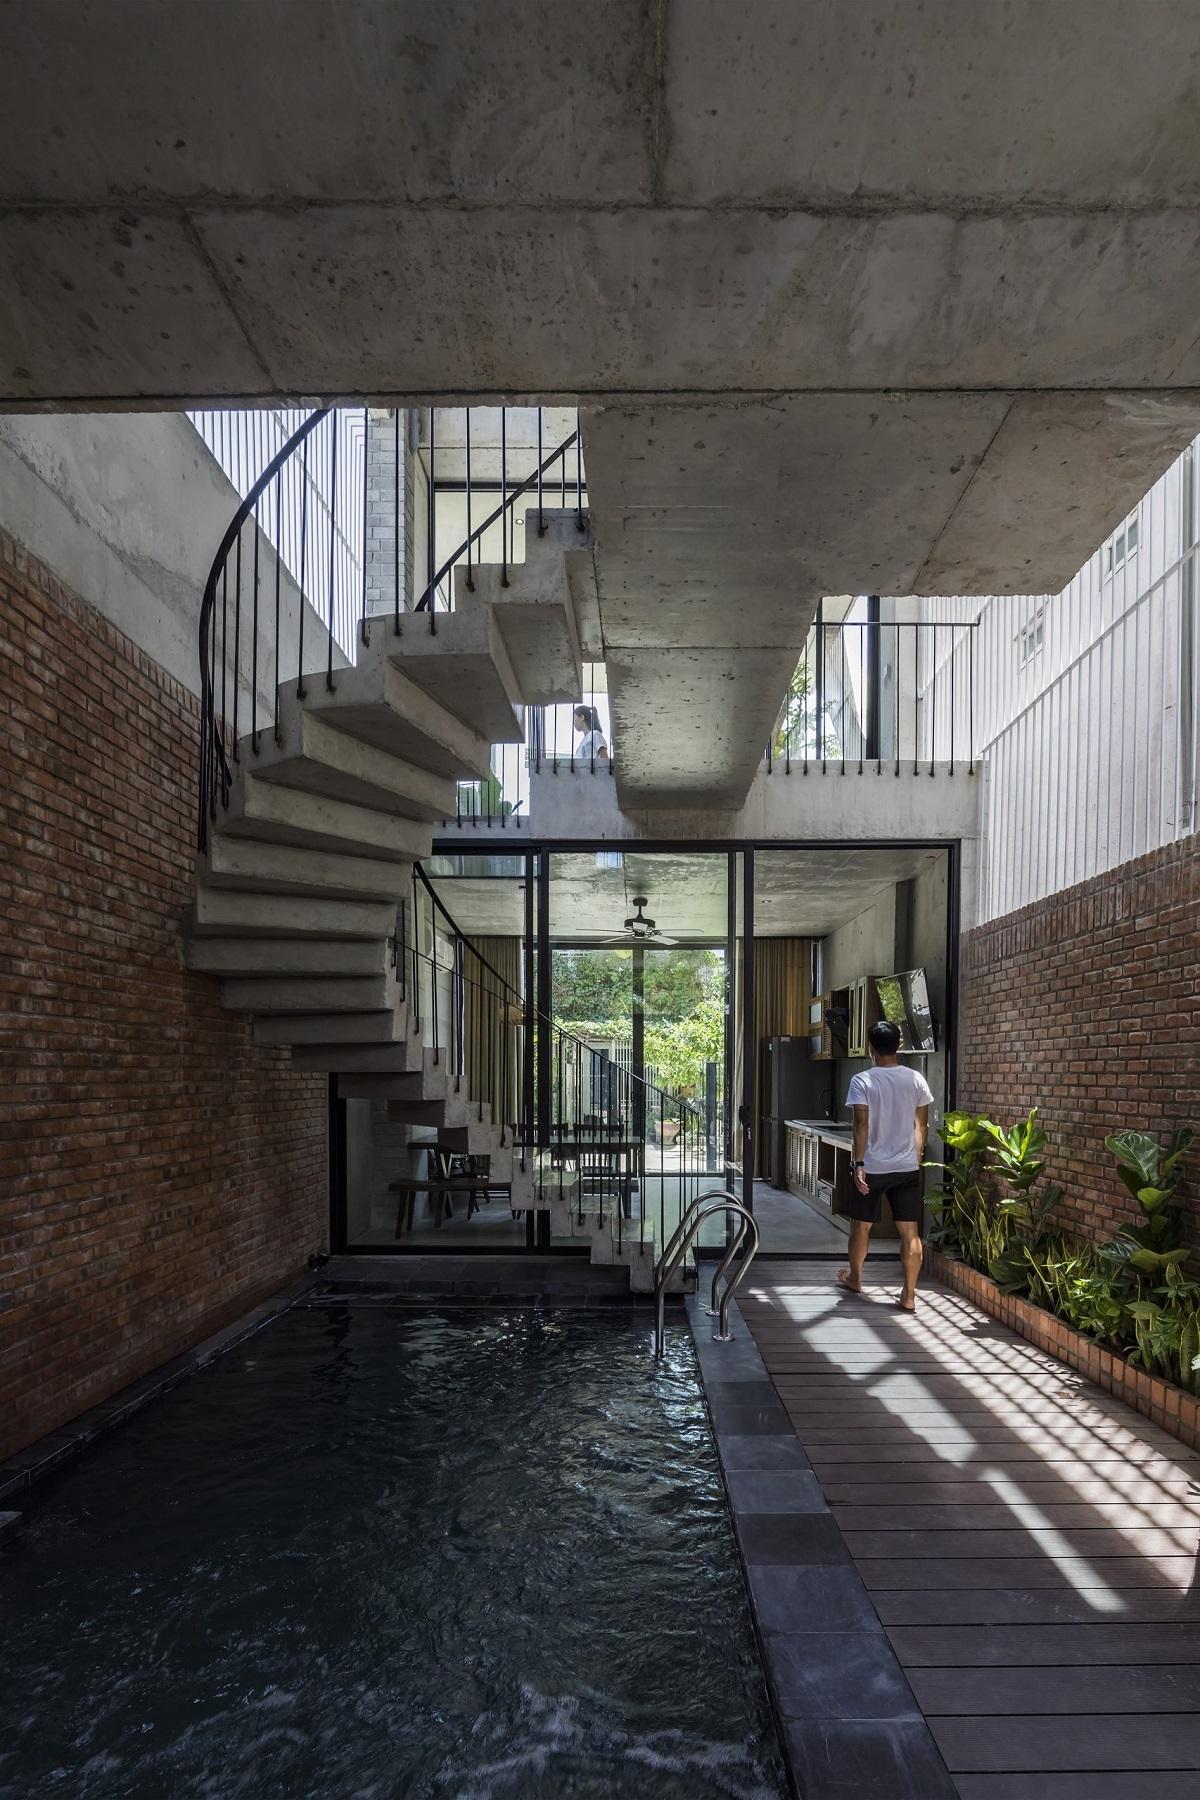 APLES Green Design & Build đạt 2 giải thưởng kiến trúc xanh - GREEN GOOD DESIGN 2020   Ho Khue Architects